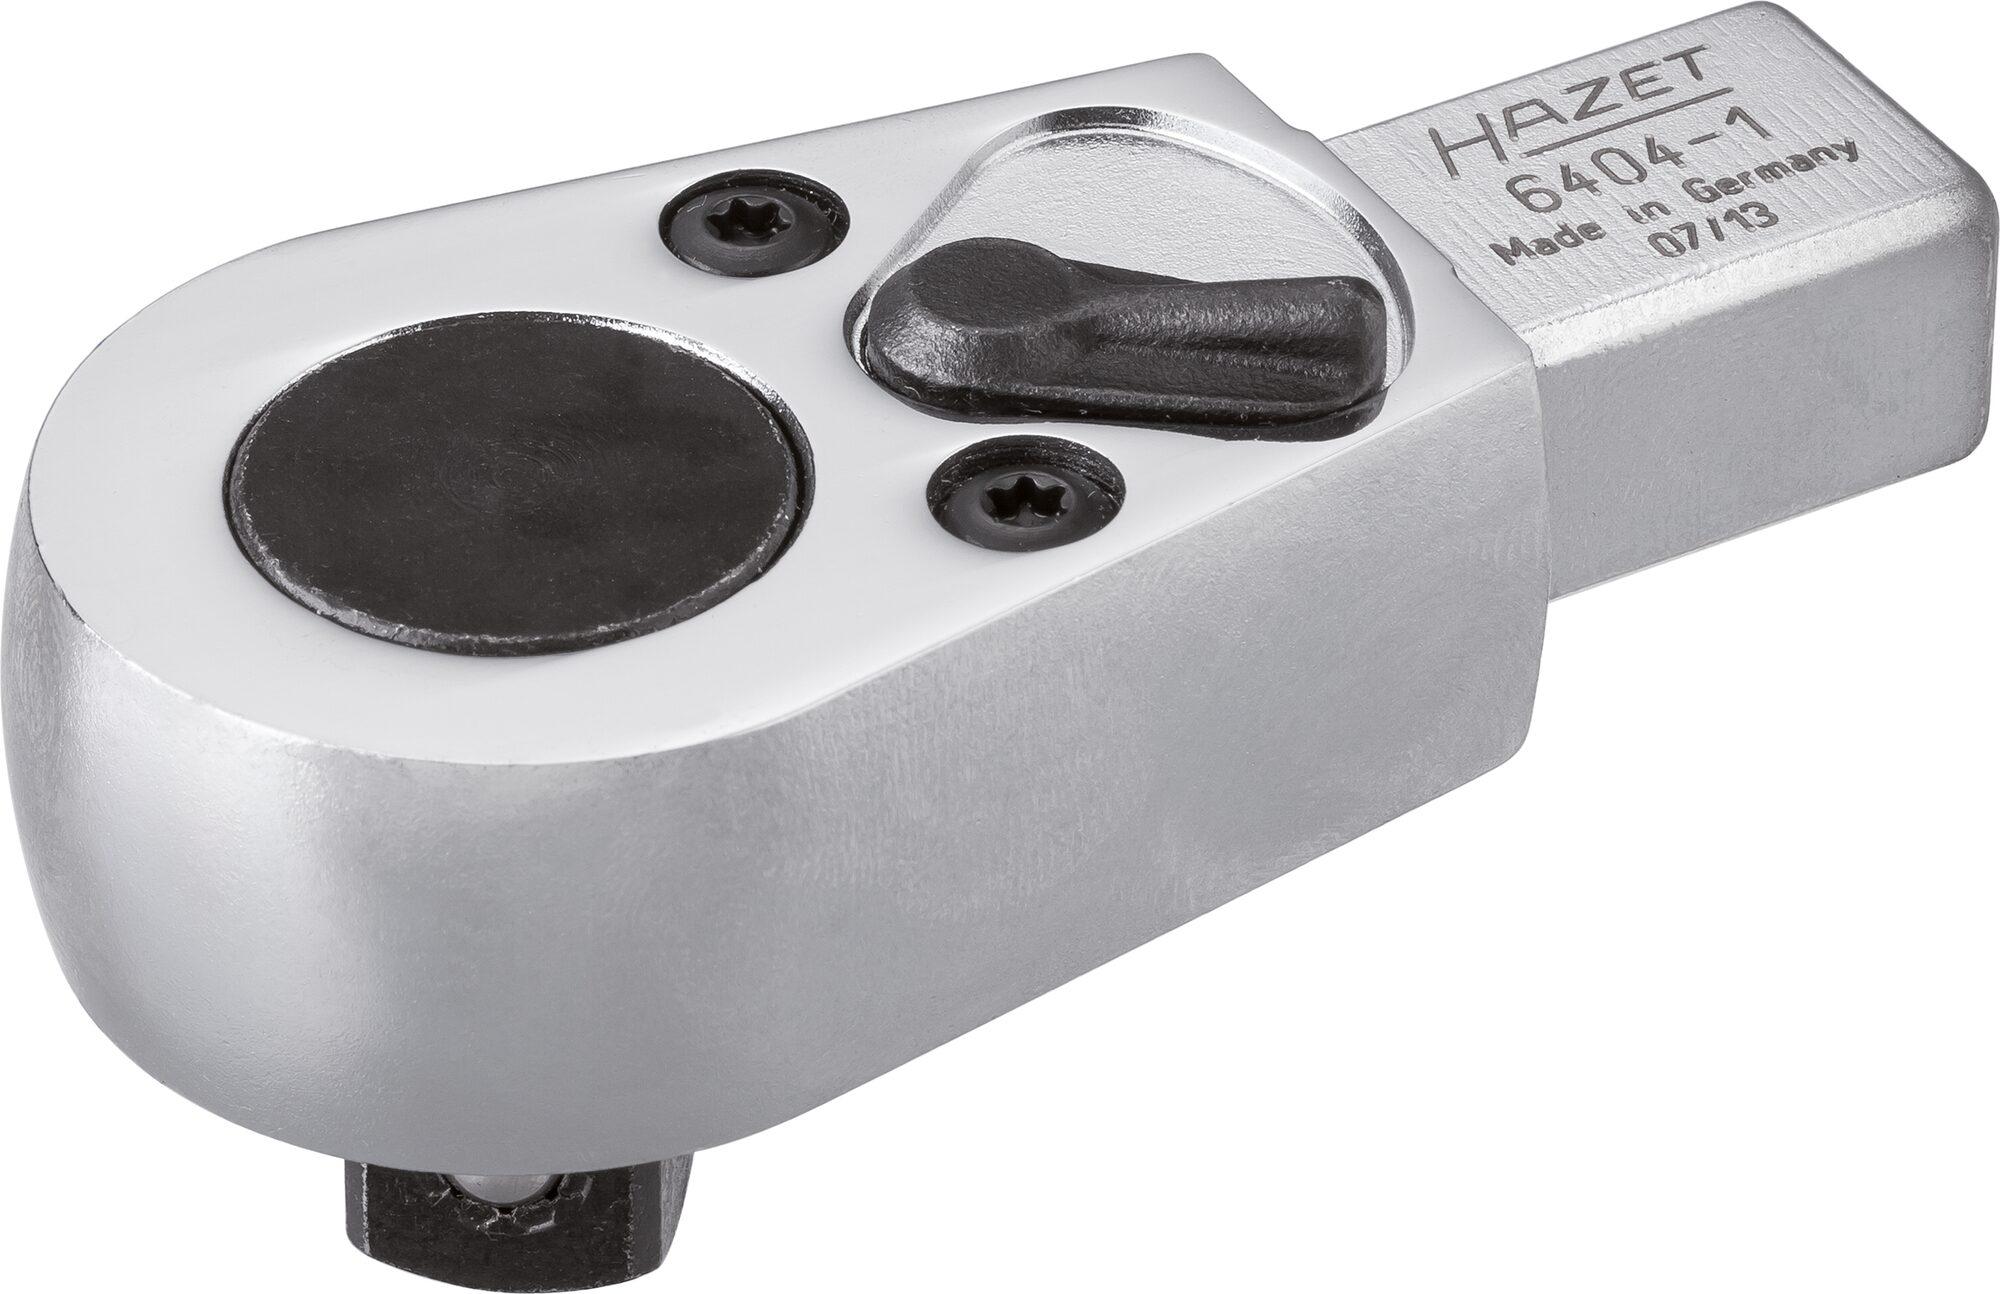 HAZET Einsteck-Umschaltknarre 6404-1 ∙ Einsteck-Vierkant 14 x 18 mm ∙ Vierkant massiv 12,5 mm (1/2 Zoll)